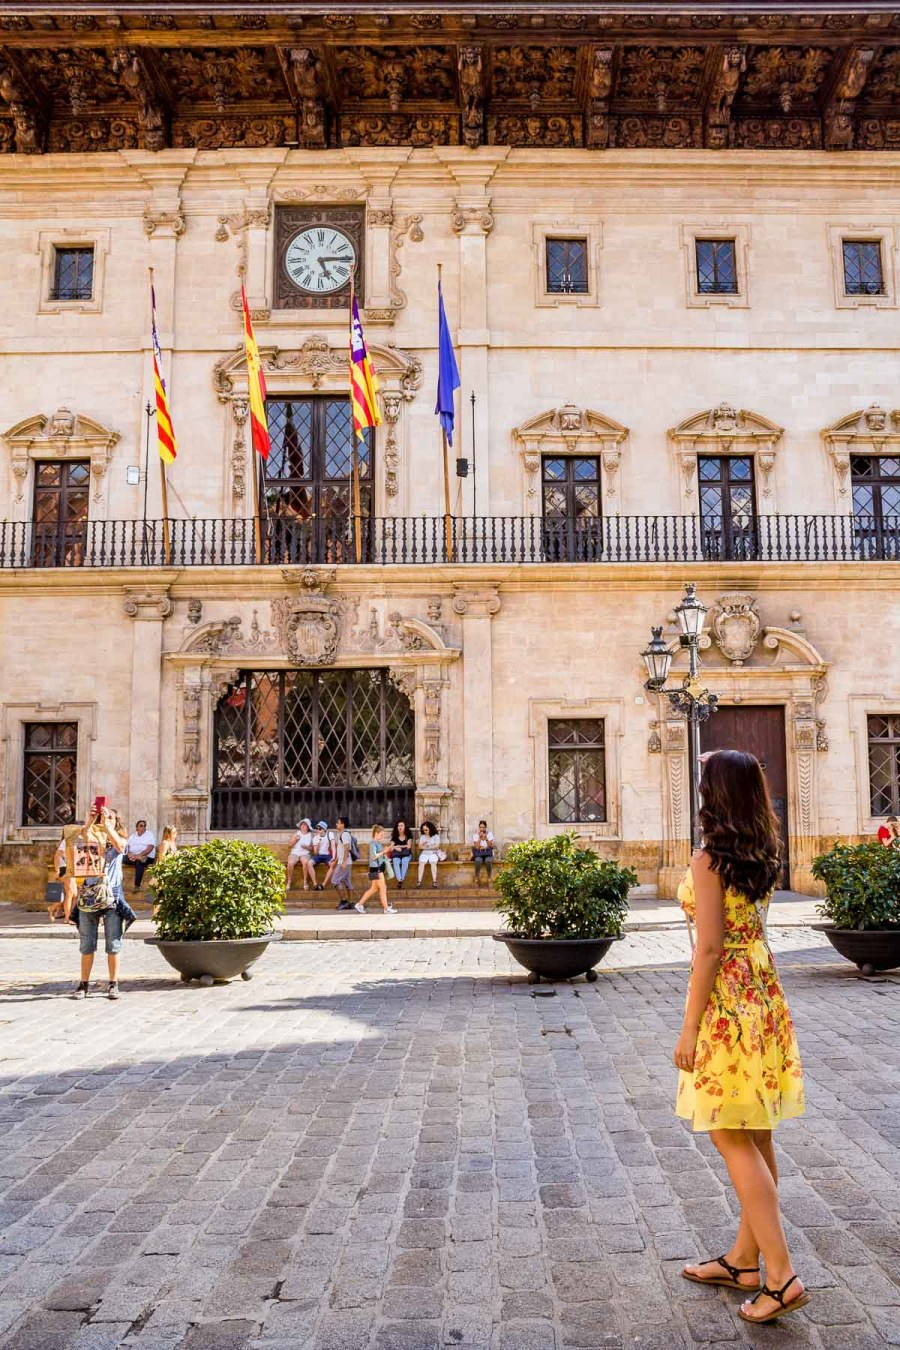 Ajuntament de Palma City Hall